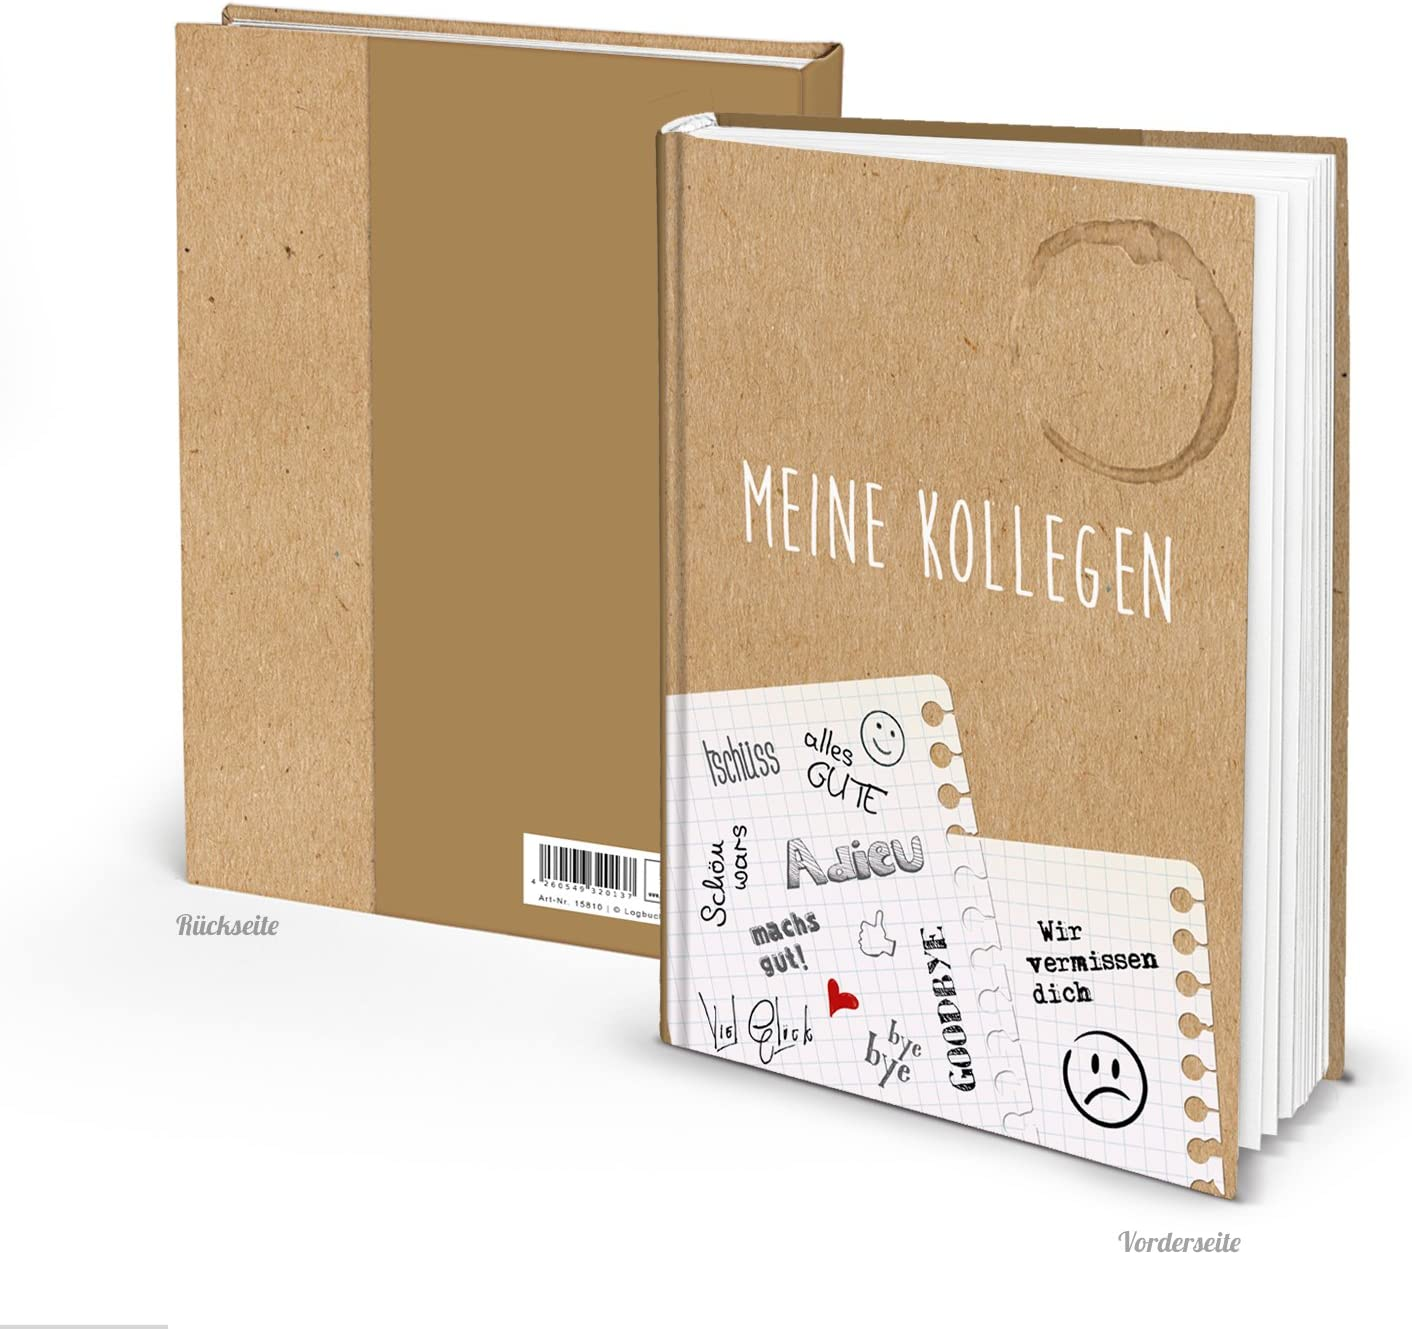 Libro de compañeros vintage DIN A4 en blanco, tapa dura, libro de despedida para compañeros, jubilación, cambio de trabajo, libro de amistad